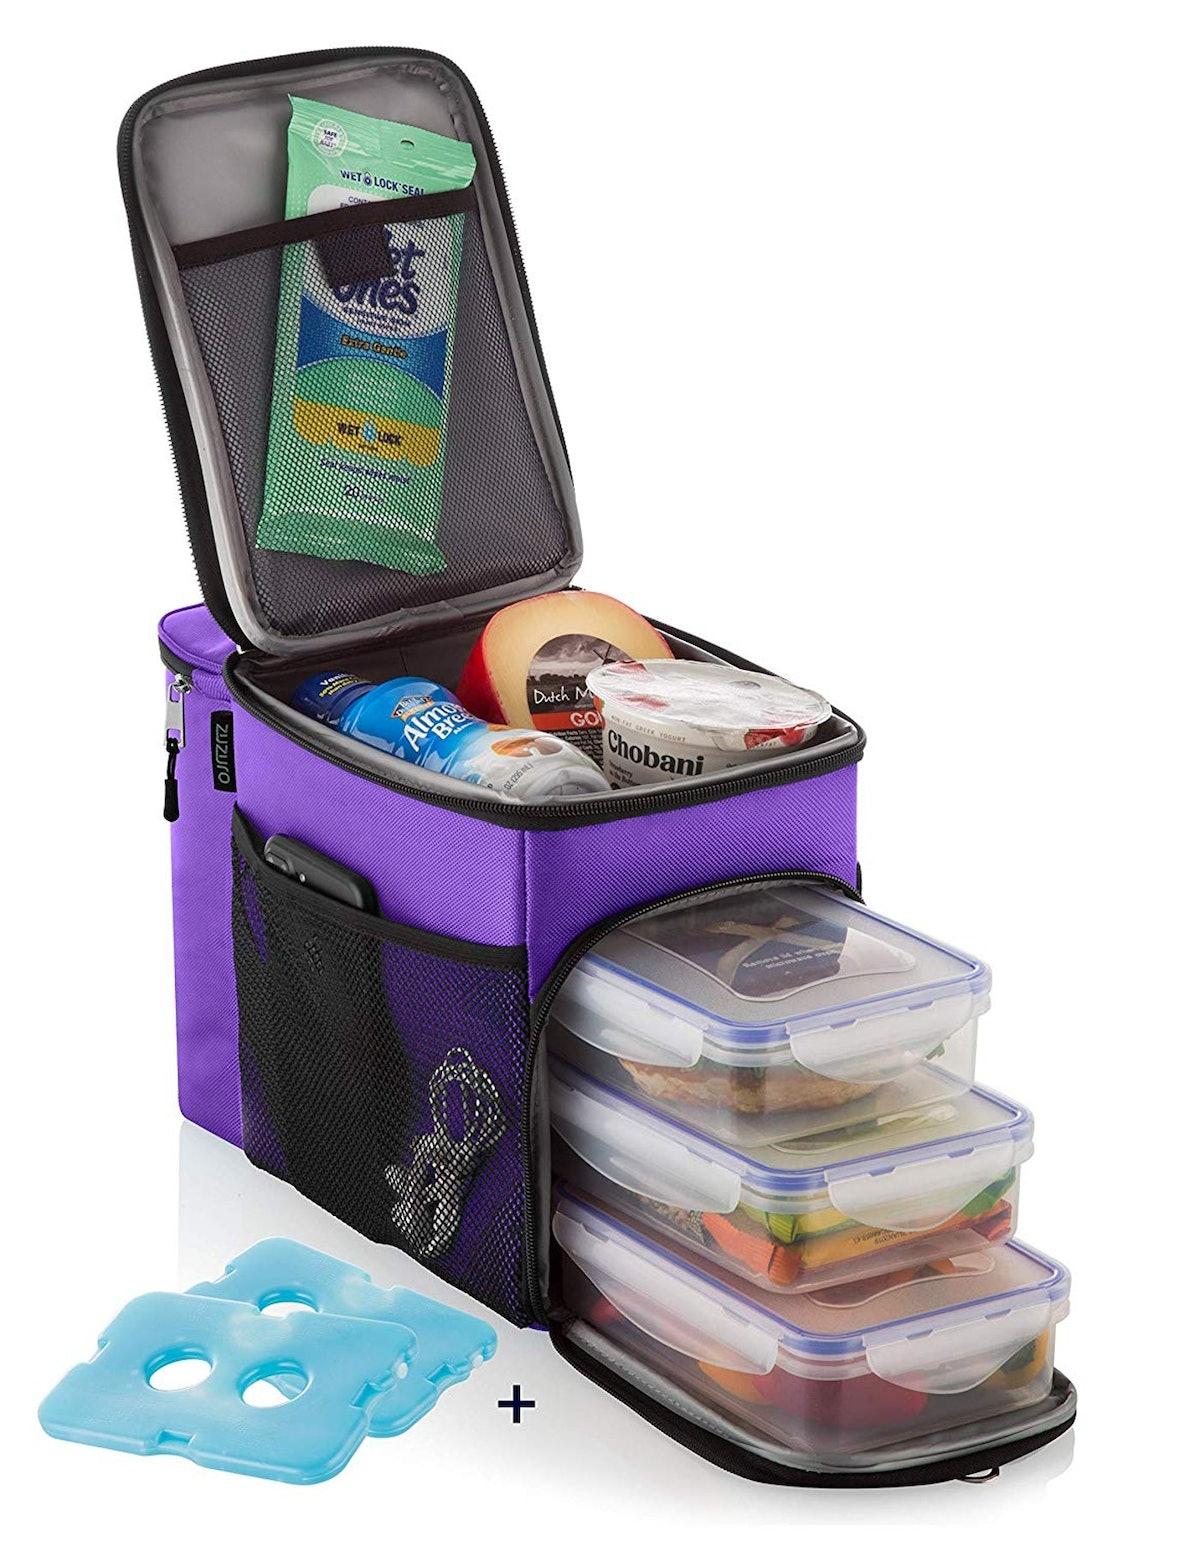 Zuzuro Insulated Compartment Lunch Box